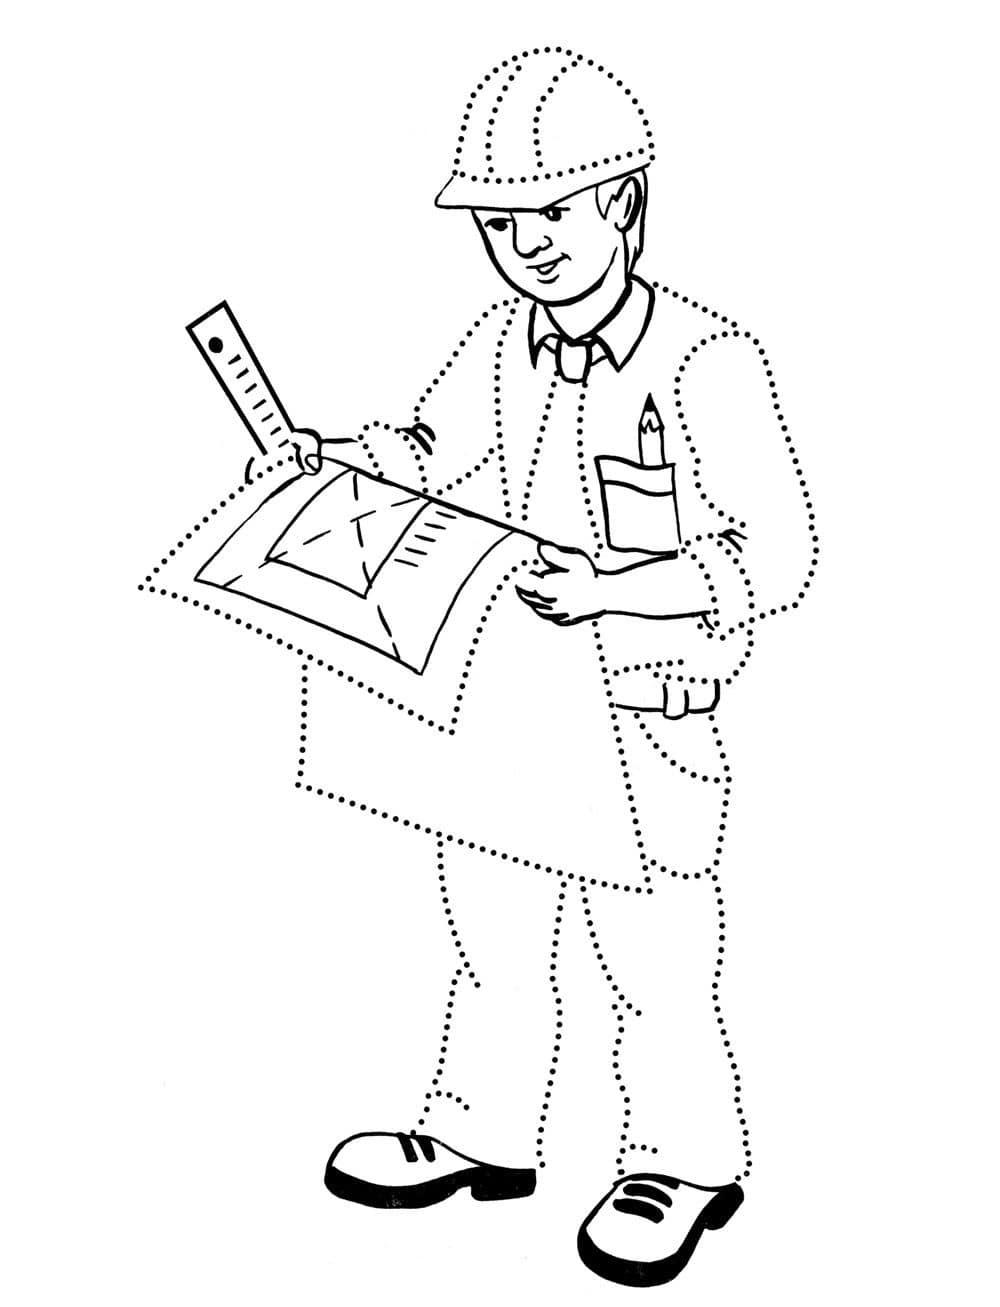 это еще рисунок профессия строитель нарисовать отлично прорабатывает грудь